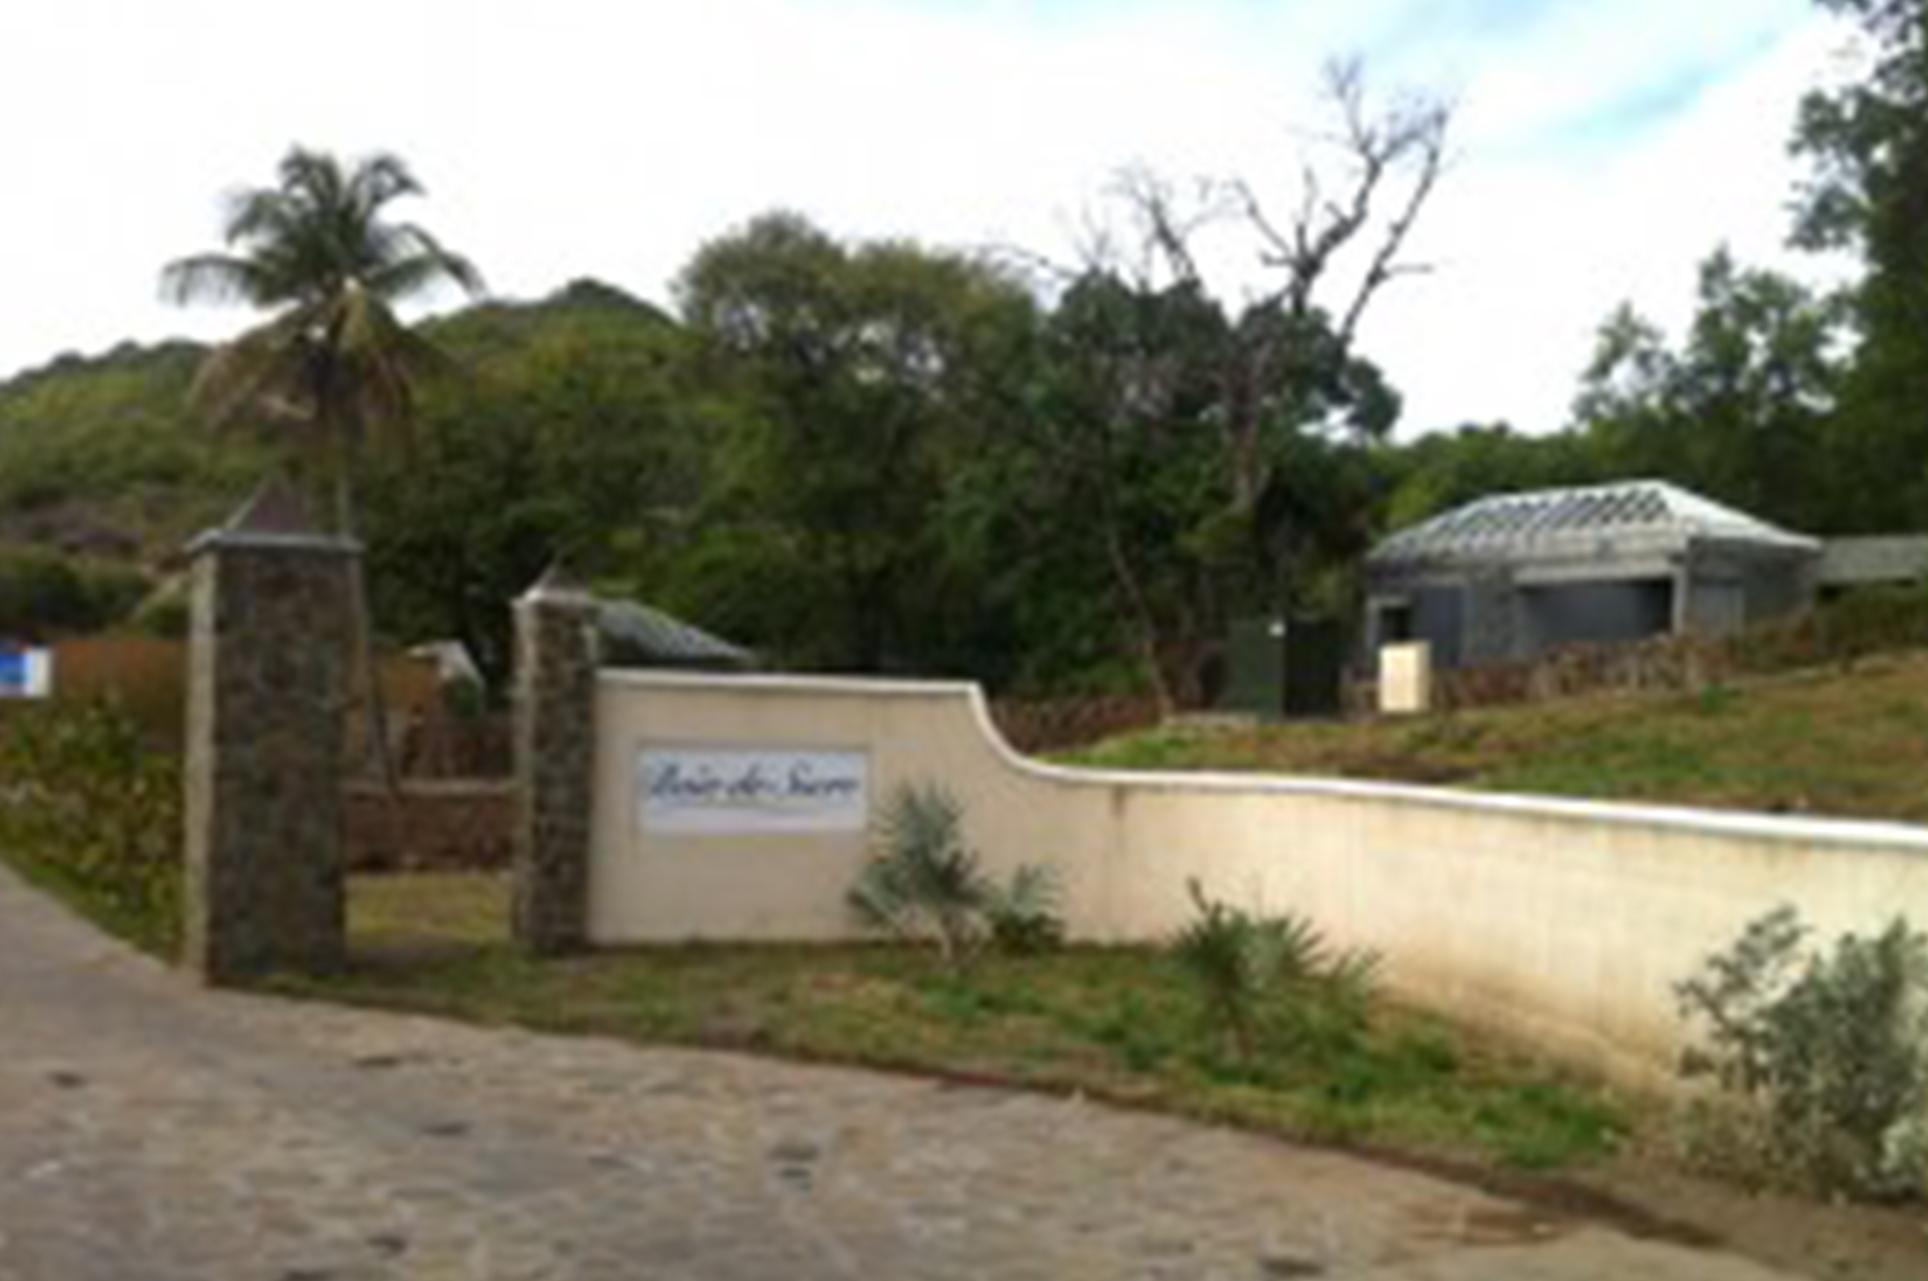 Baie-de-sucre-entrance-1